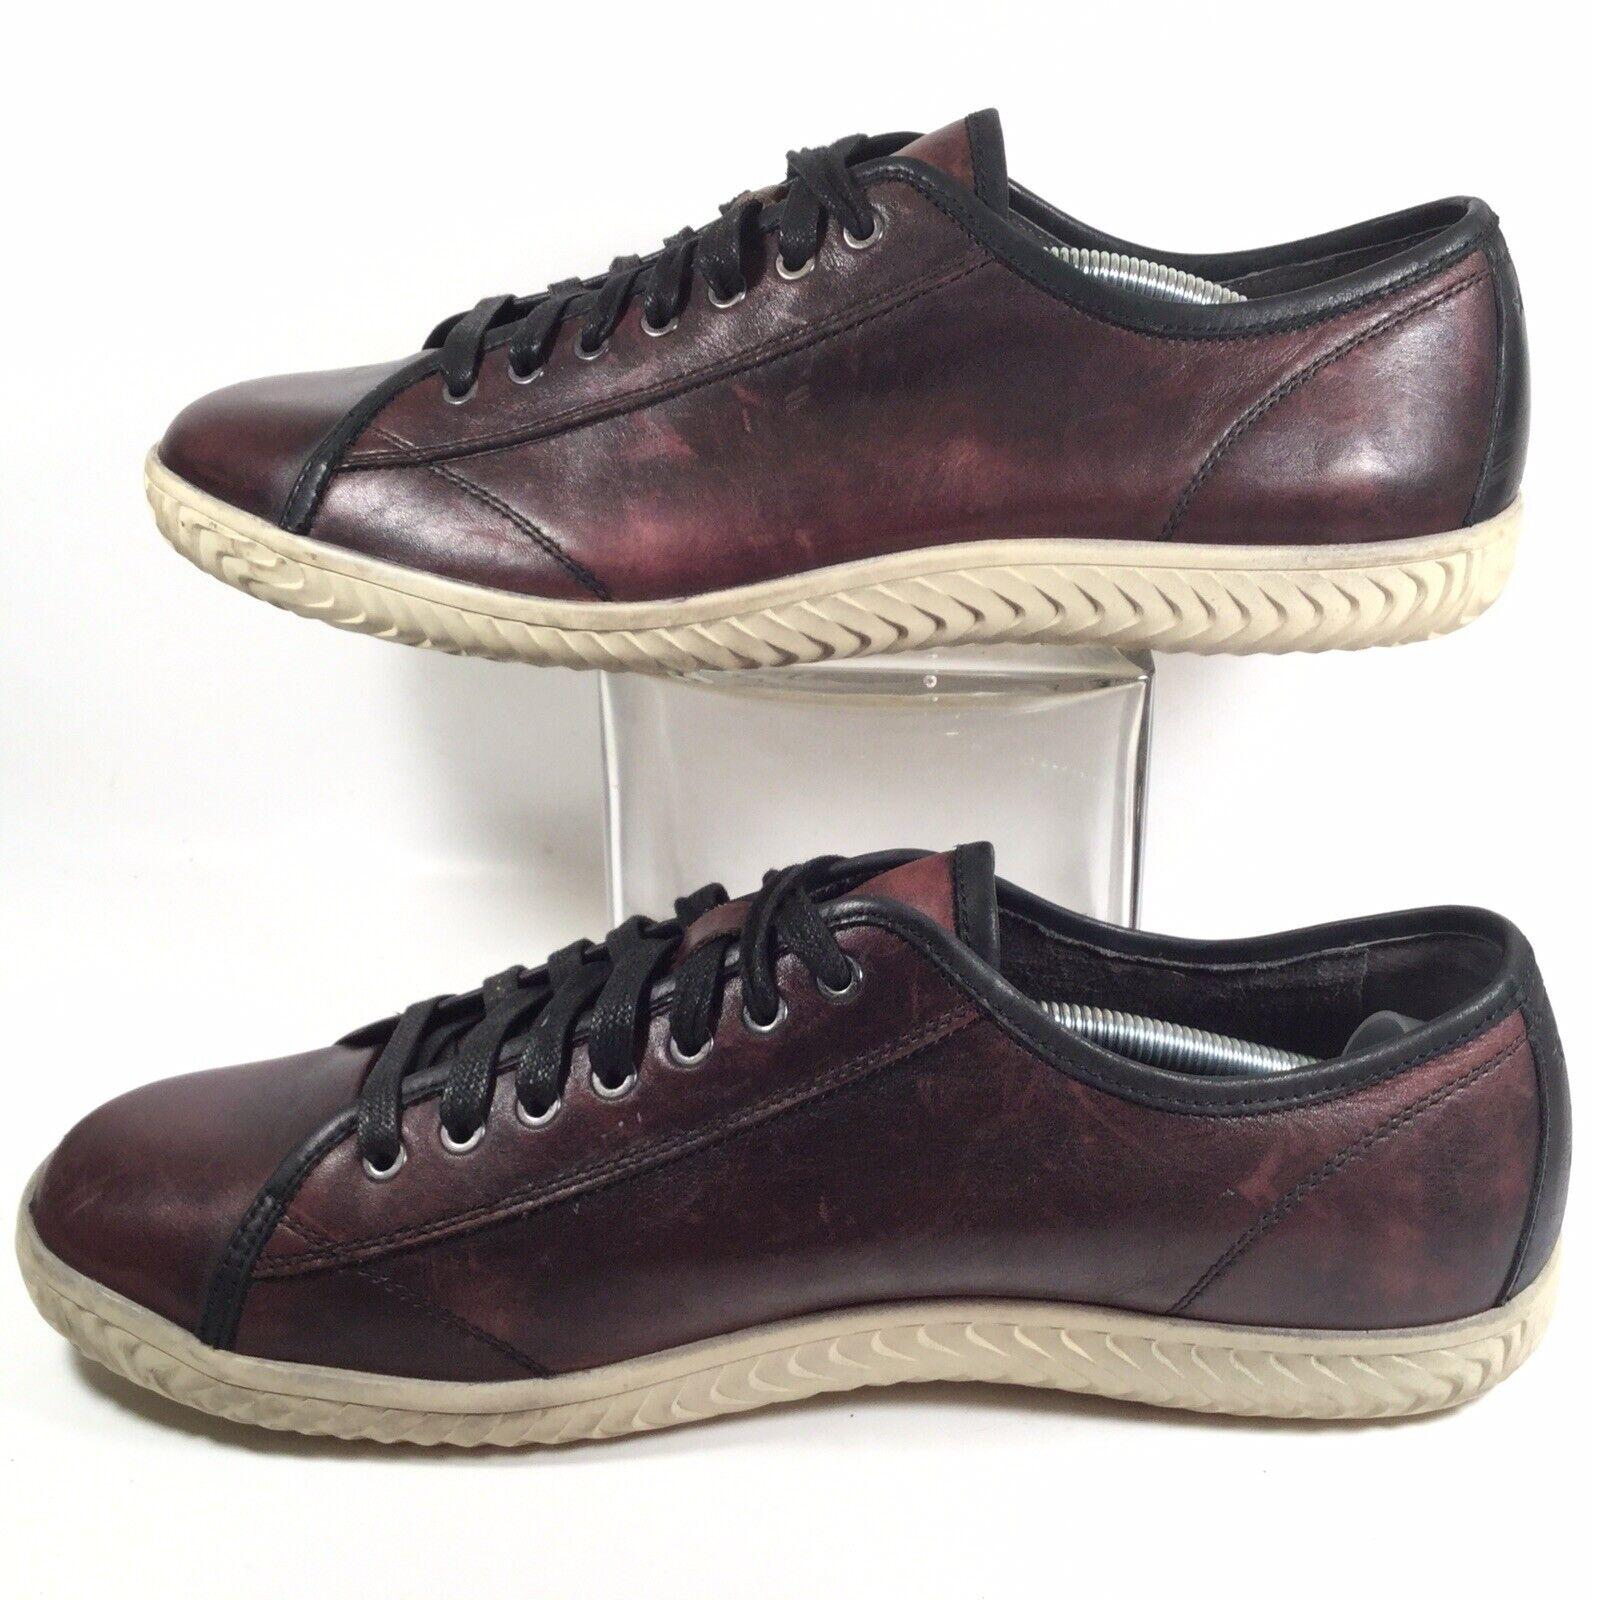 John Varvatos Hattan Con Cordones Zapatos tenis de moda de cuero de becerro US 12